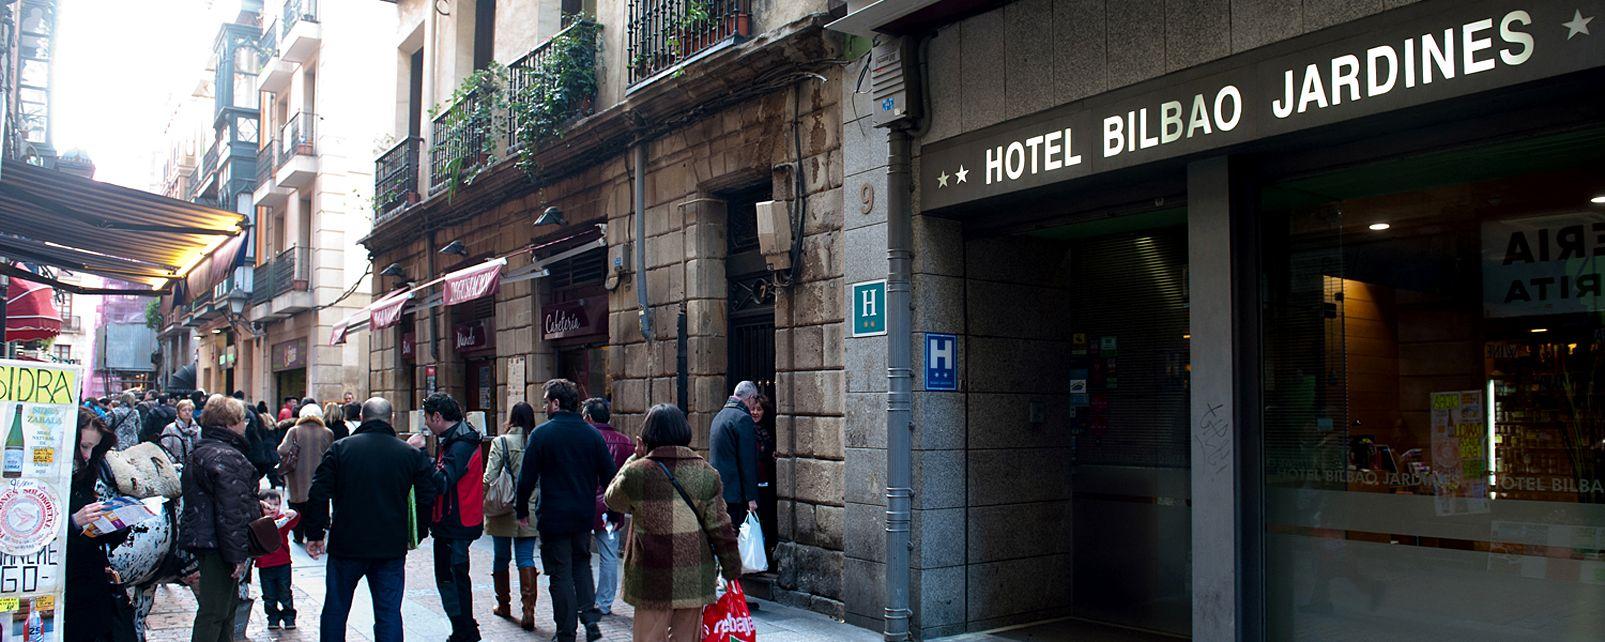 Hôtel Bilbao Jardines